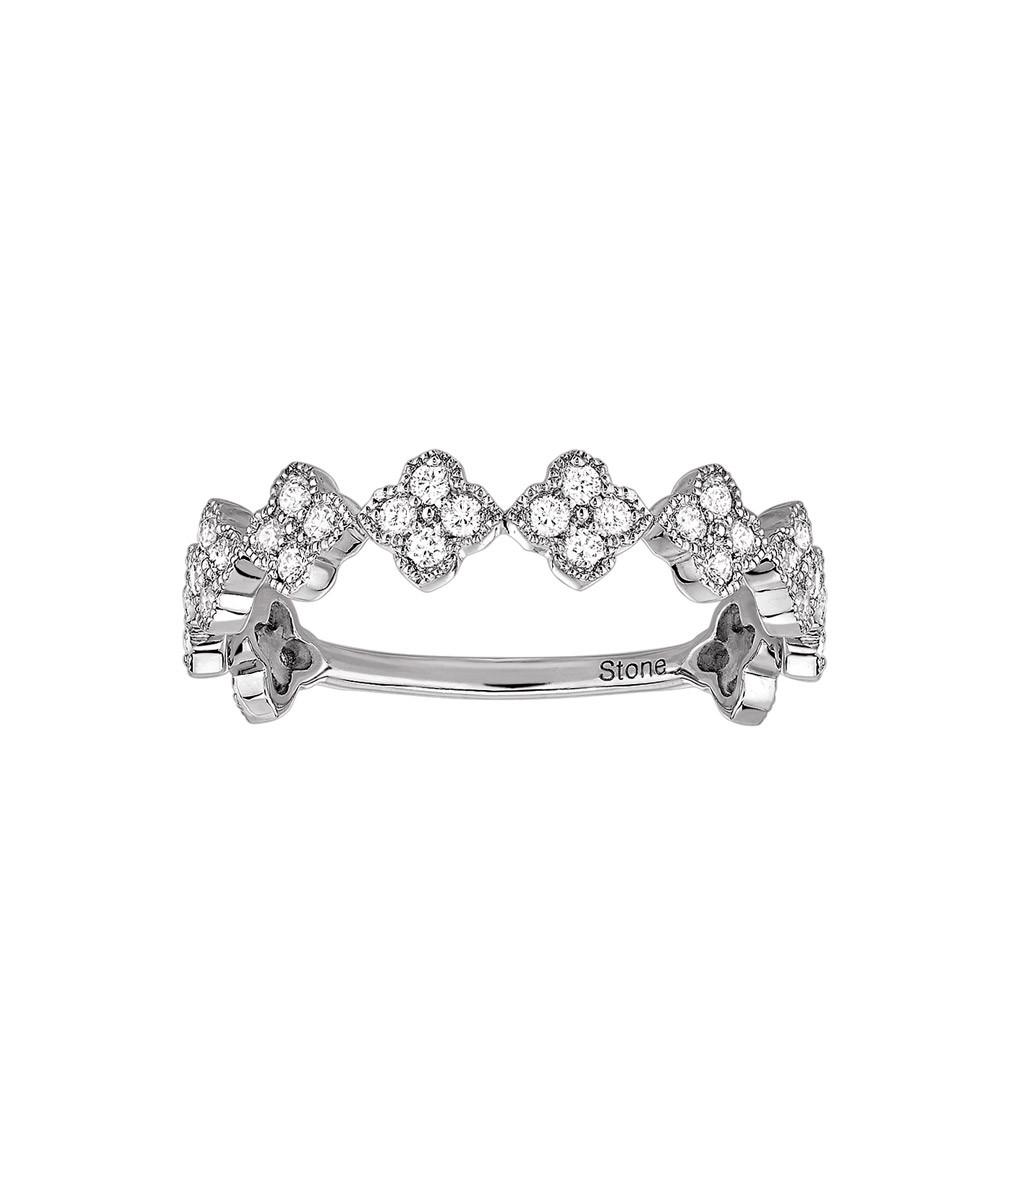 STONE PARIS - Bague Fleurs du Mal Or Diamants